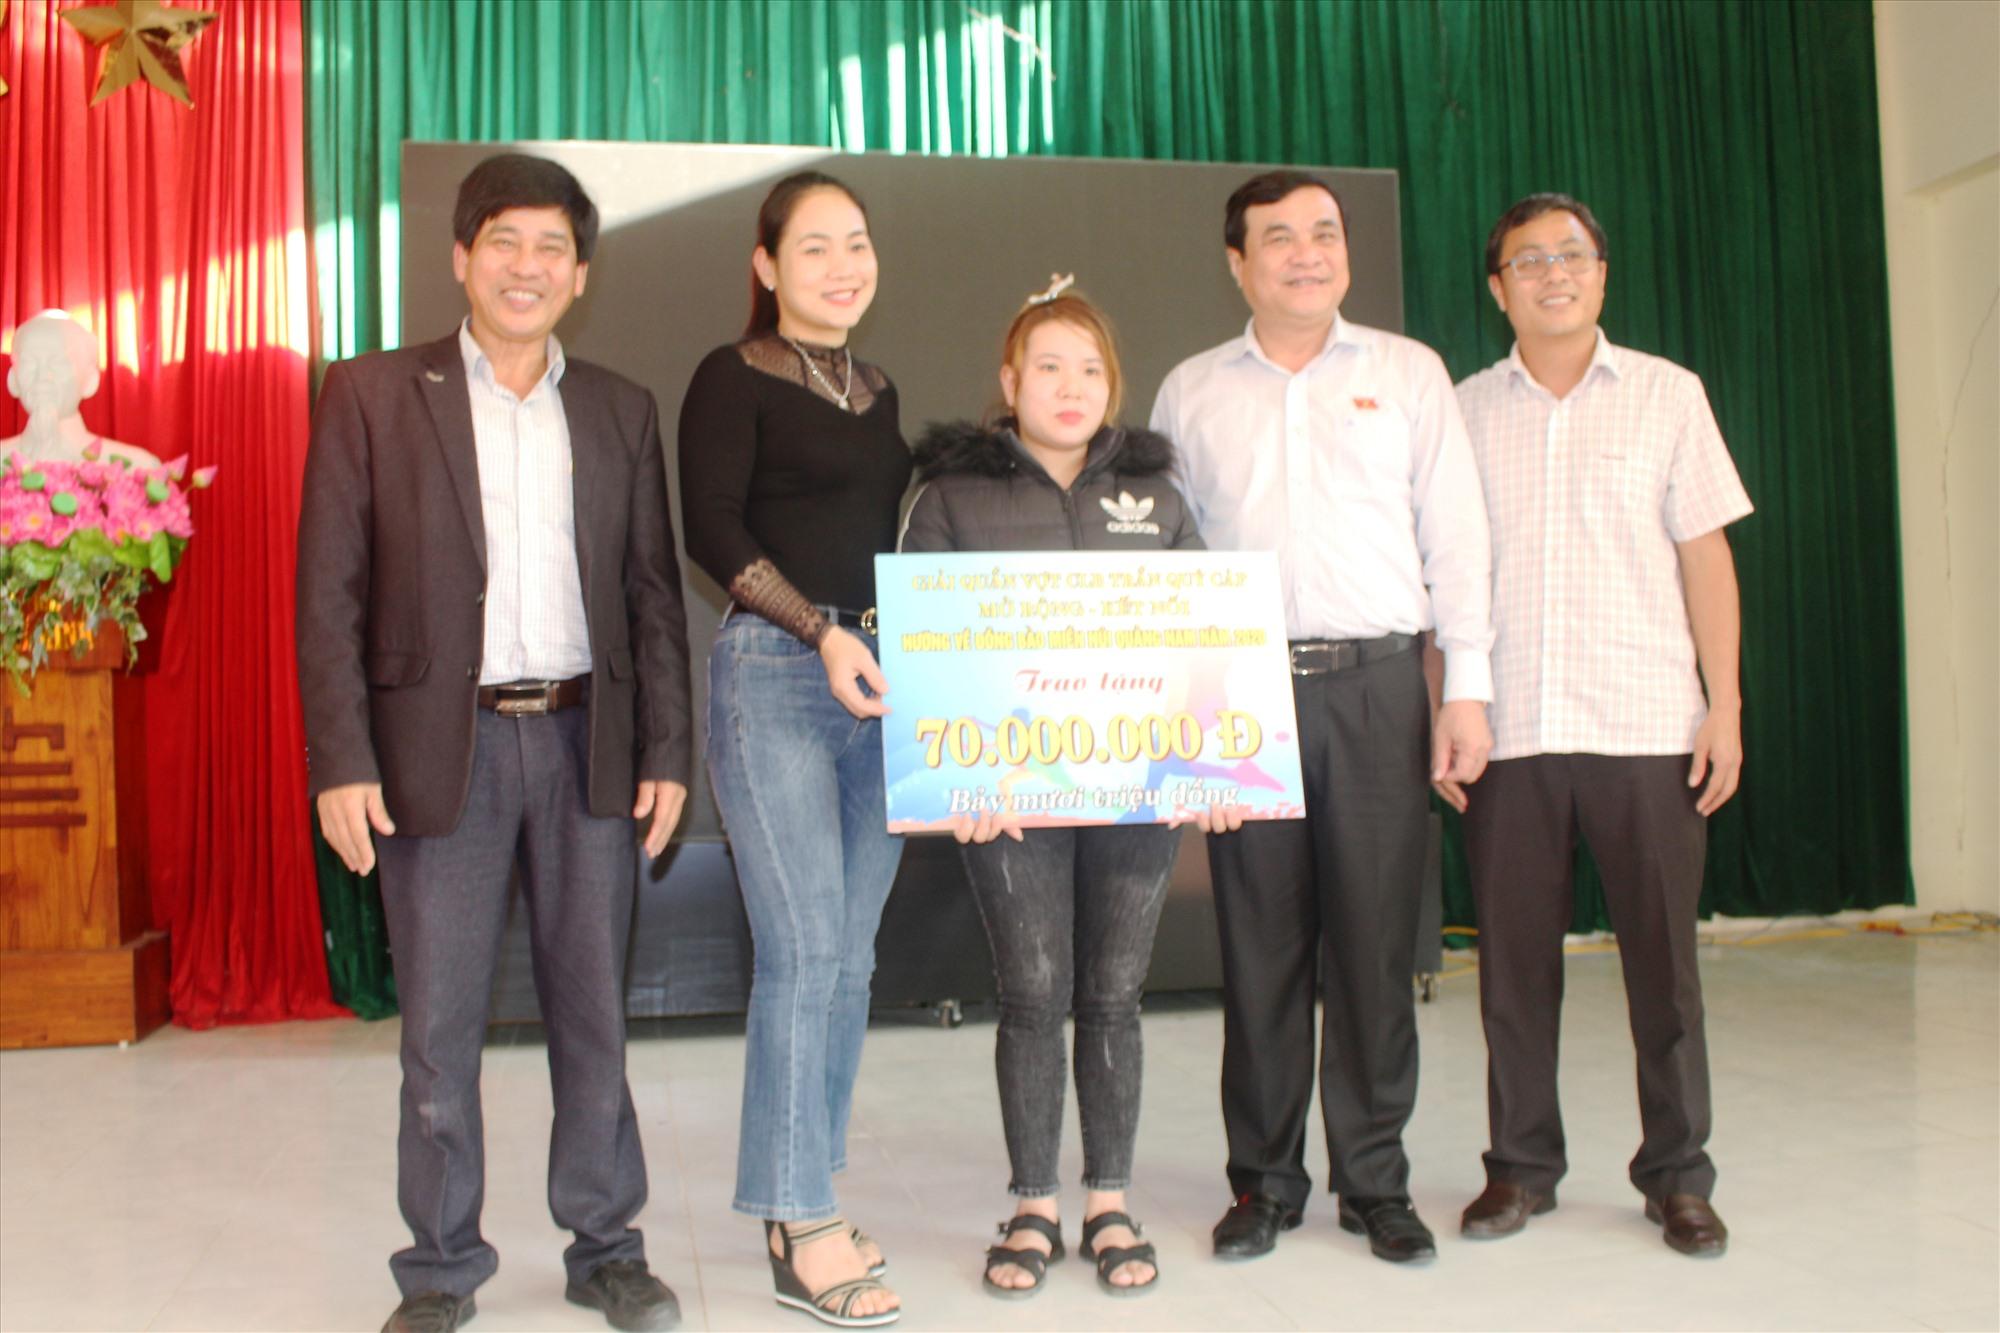 Bí thư Tỉnh ủy Phan Việt Cường trao tặng nhà tình nghĩa tại xã Đại Thắng. Ảnh: NHAN DUY